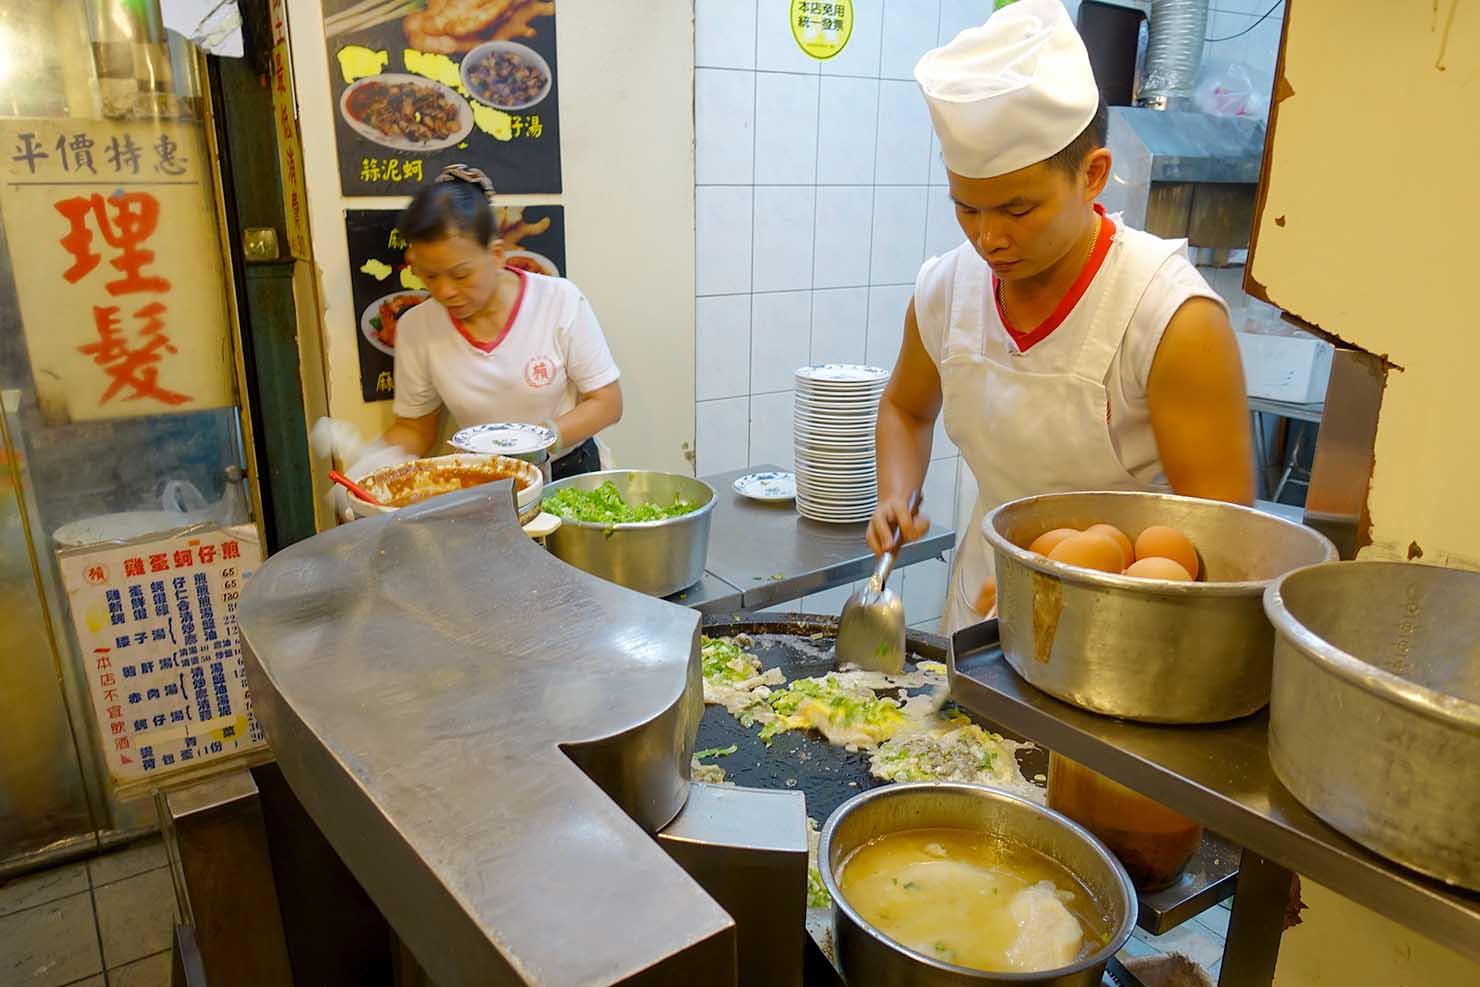 台北駅最寄りの人気夜市・寧夏夜市「賴雞蛋蚵仔煎」の調理カウンター